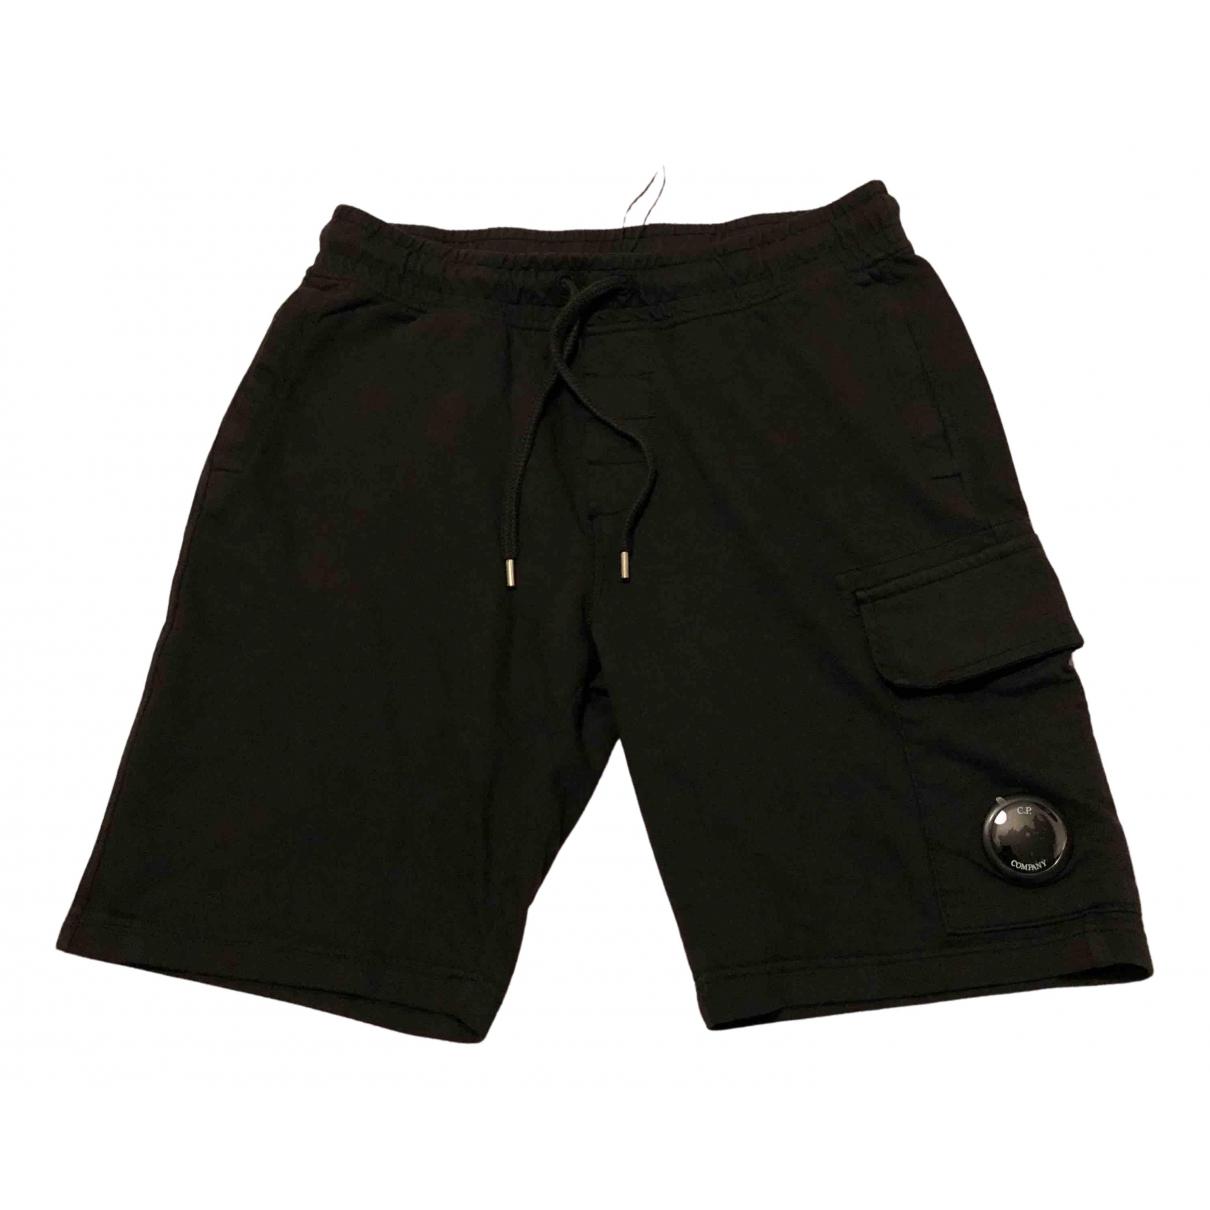 Cp Company - Short   pour homme en coton - noir